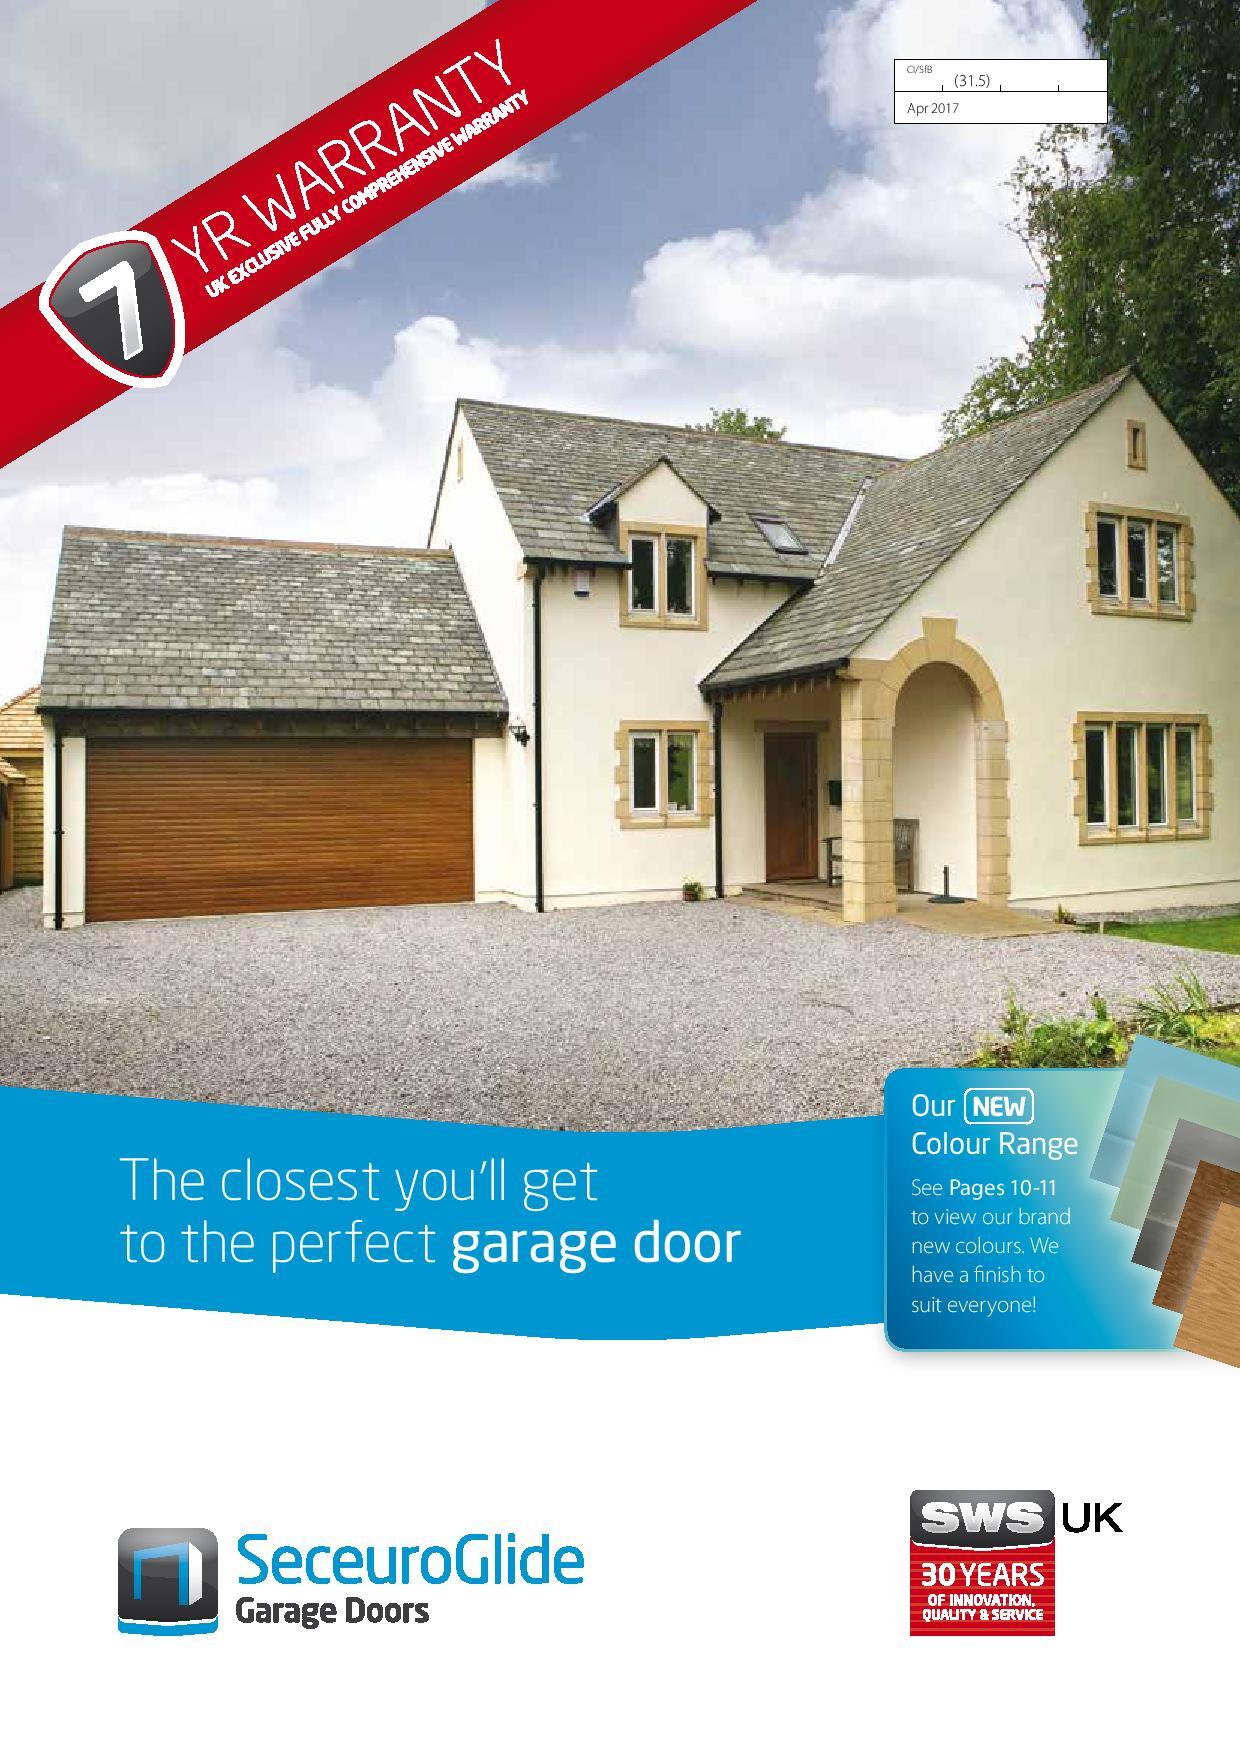 service gds door garage superior a doors